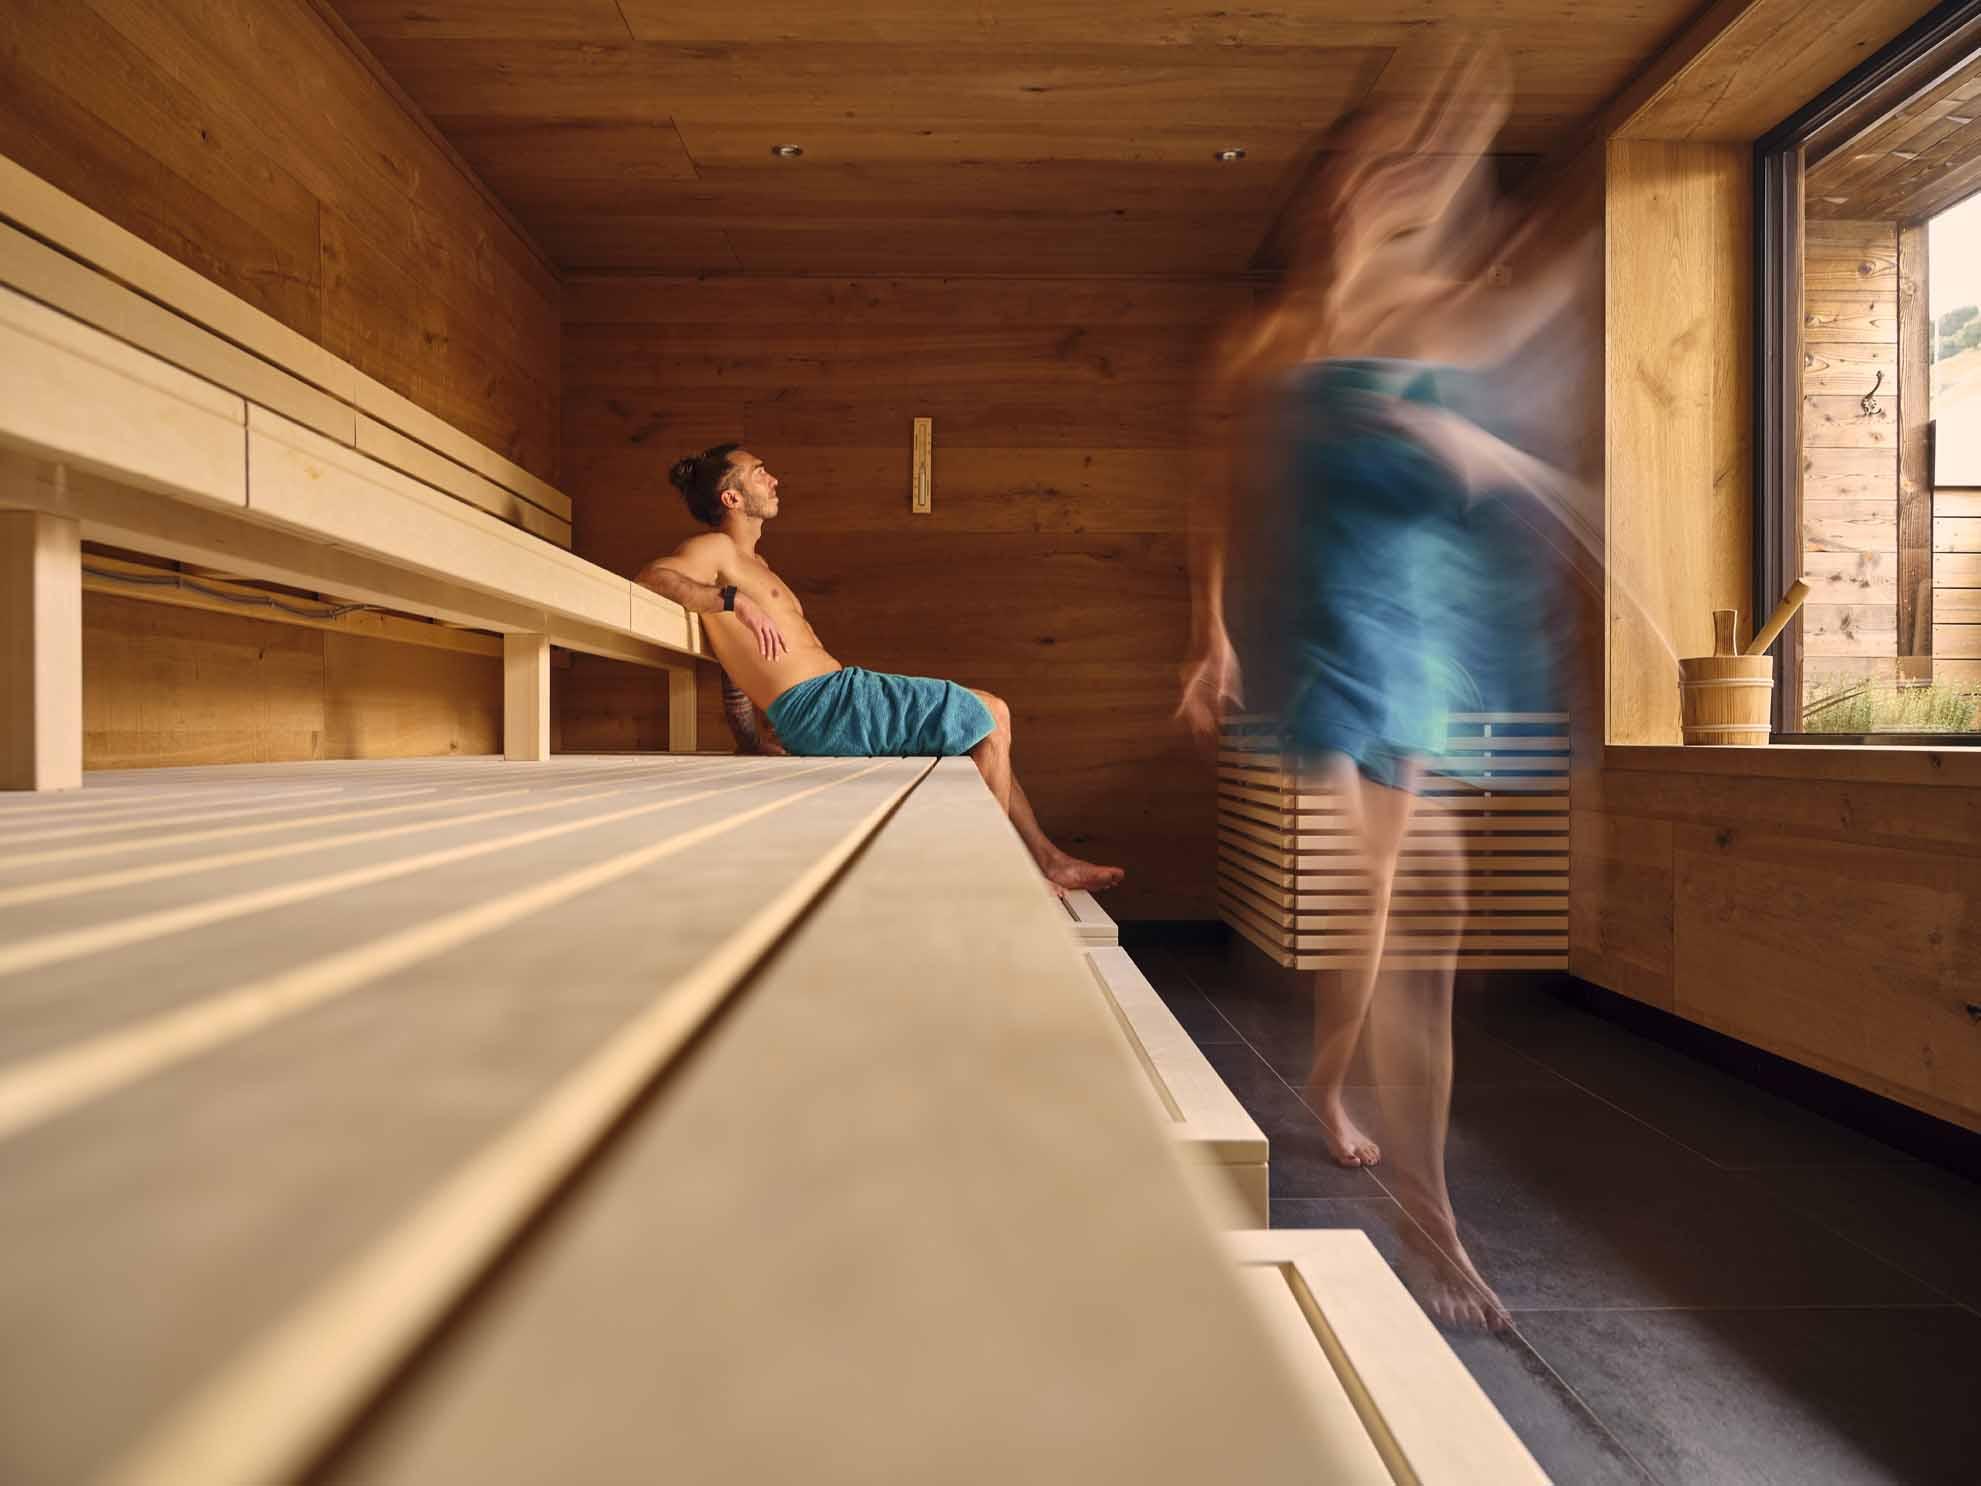 Eine Person sitzt in der Sauna und eine geht gerade hinaus